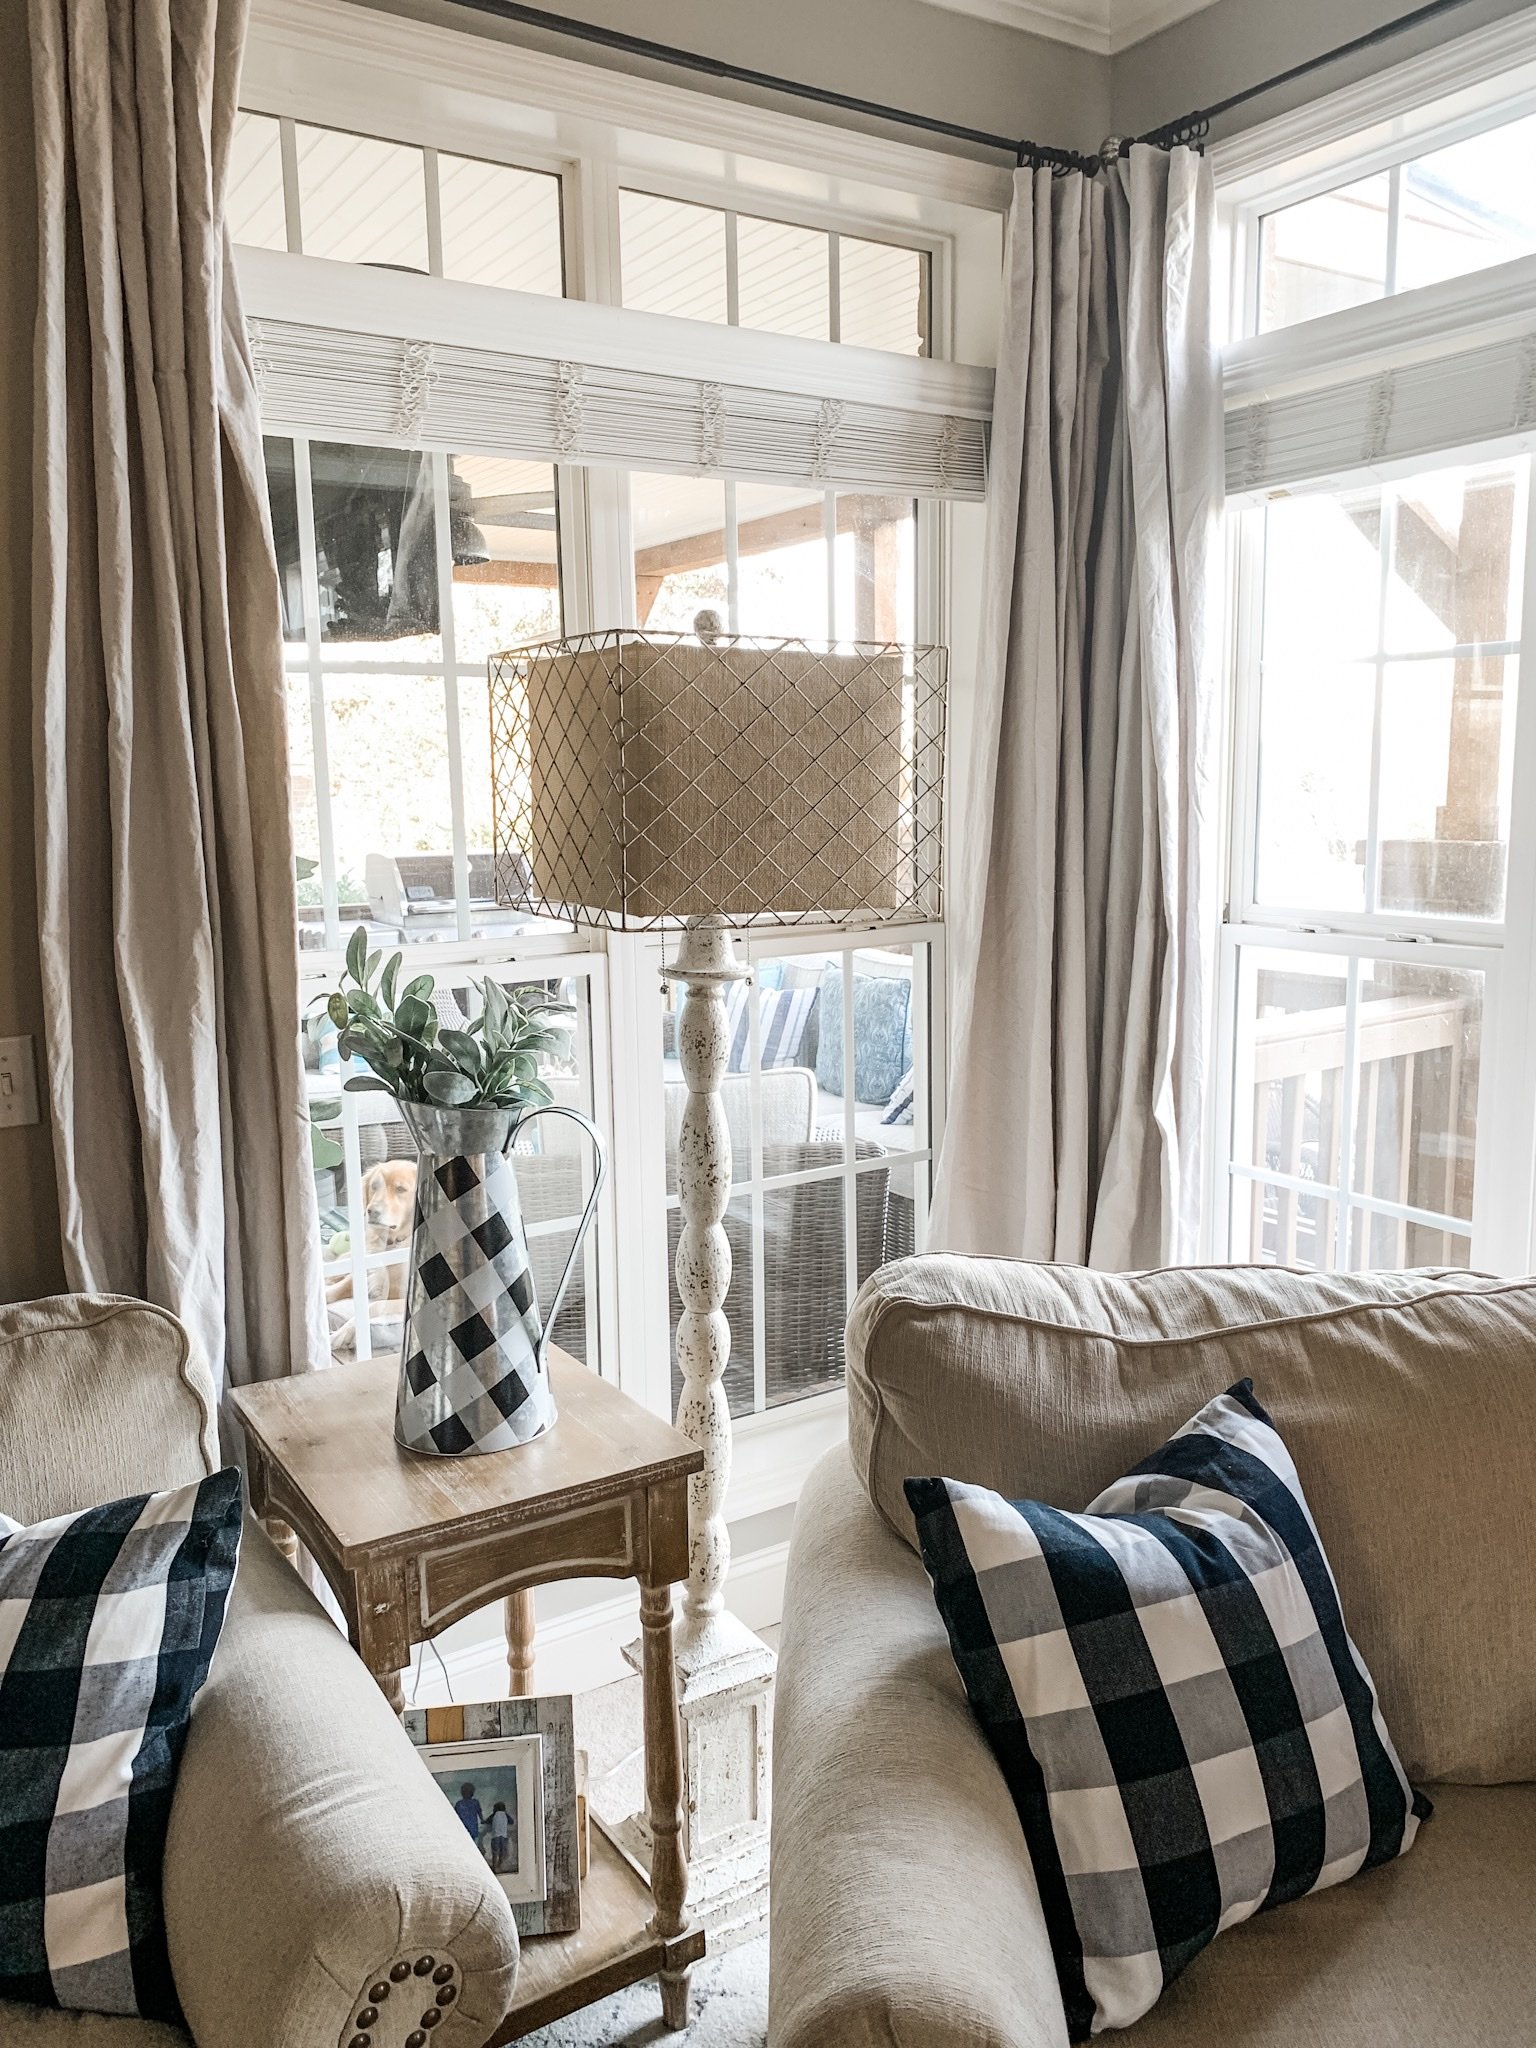 Diy Drop Cloth Curtains For Instant Farmhouse Charm